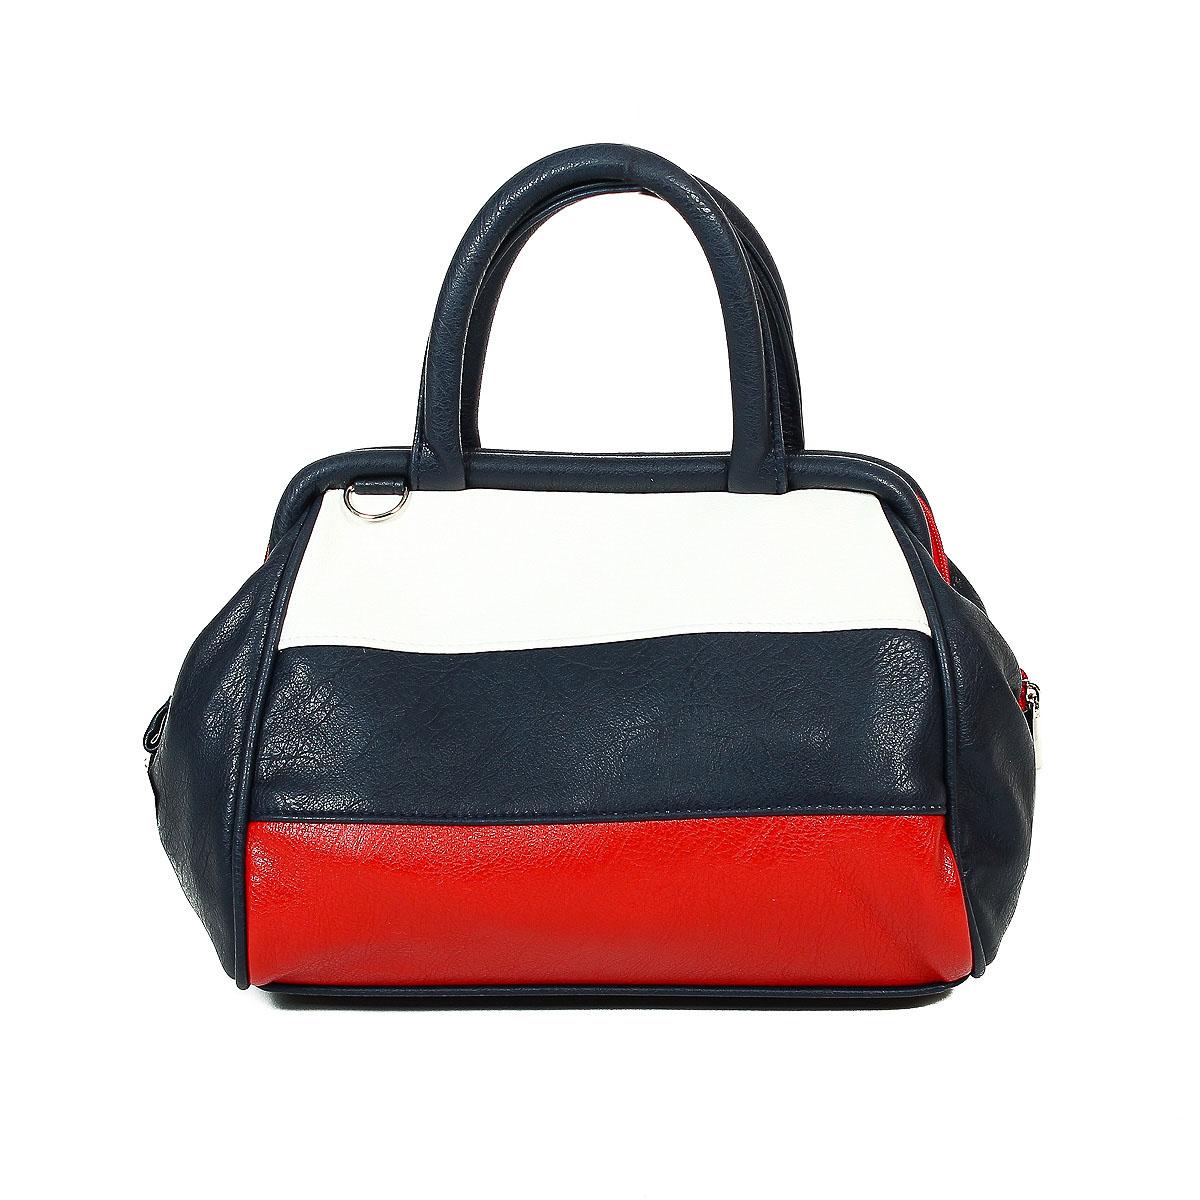 Сумка женская Zemsa. цвет: синий, красный, белый. 6-2876-287Изысканная женская сумка Zemsa изготовлена из искусственной кожи, оформлена прострочками. Изделие закрывается на удобную застежку-молнию с двумя бегунками. Внутри - одно вместительное отделение, несколько накладных карманчиков для мелочей, телефона и накладной карманчик на застежке-молнии. Задняя сторона сумки дополнена втачным карманом на застежке-молнии. Также у сумки есть отстегивающийся плечевой ремень. Роскошная сумка внесет элегантные нотки в ваш образ и подчеркнет ваше отменное чувство стиля.